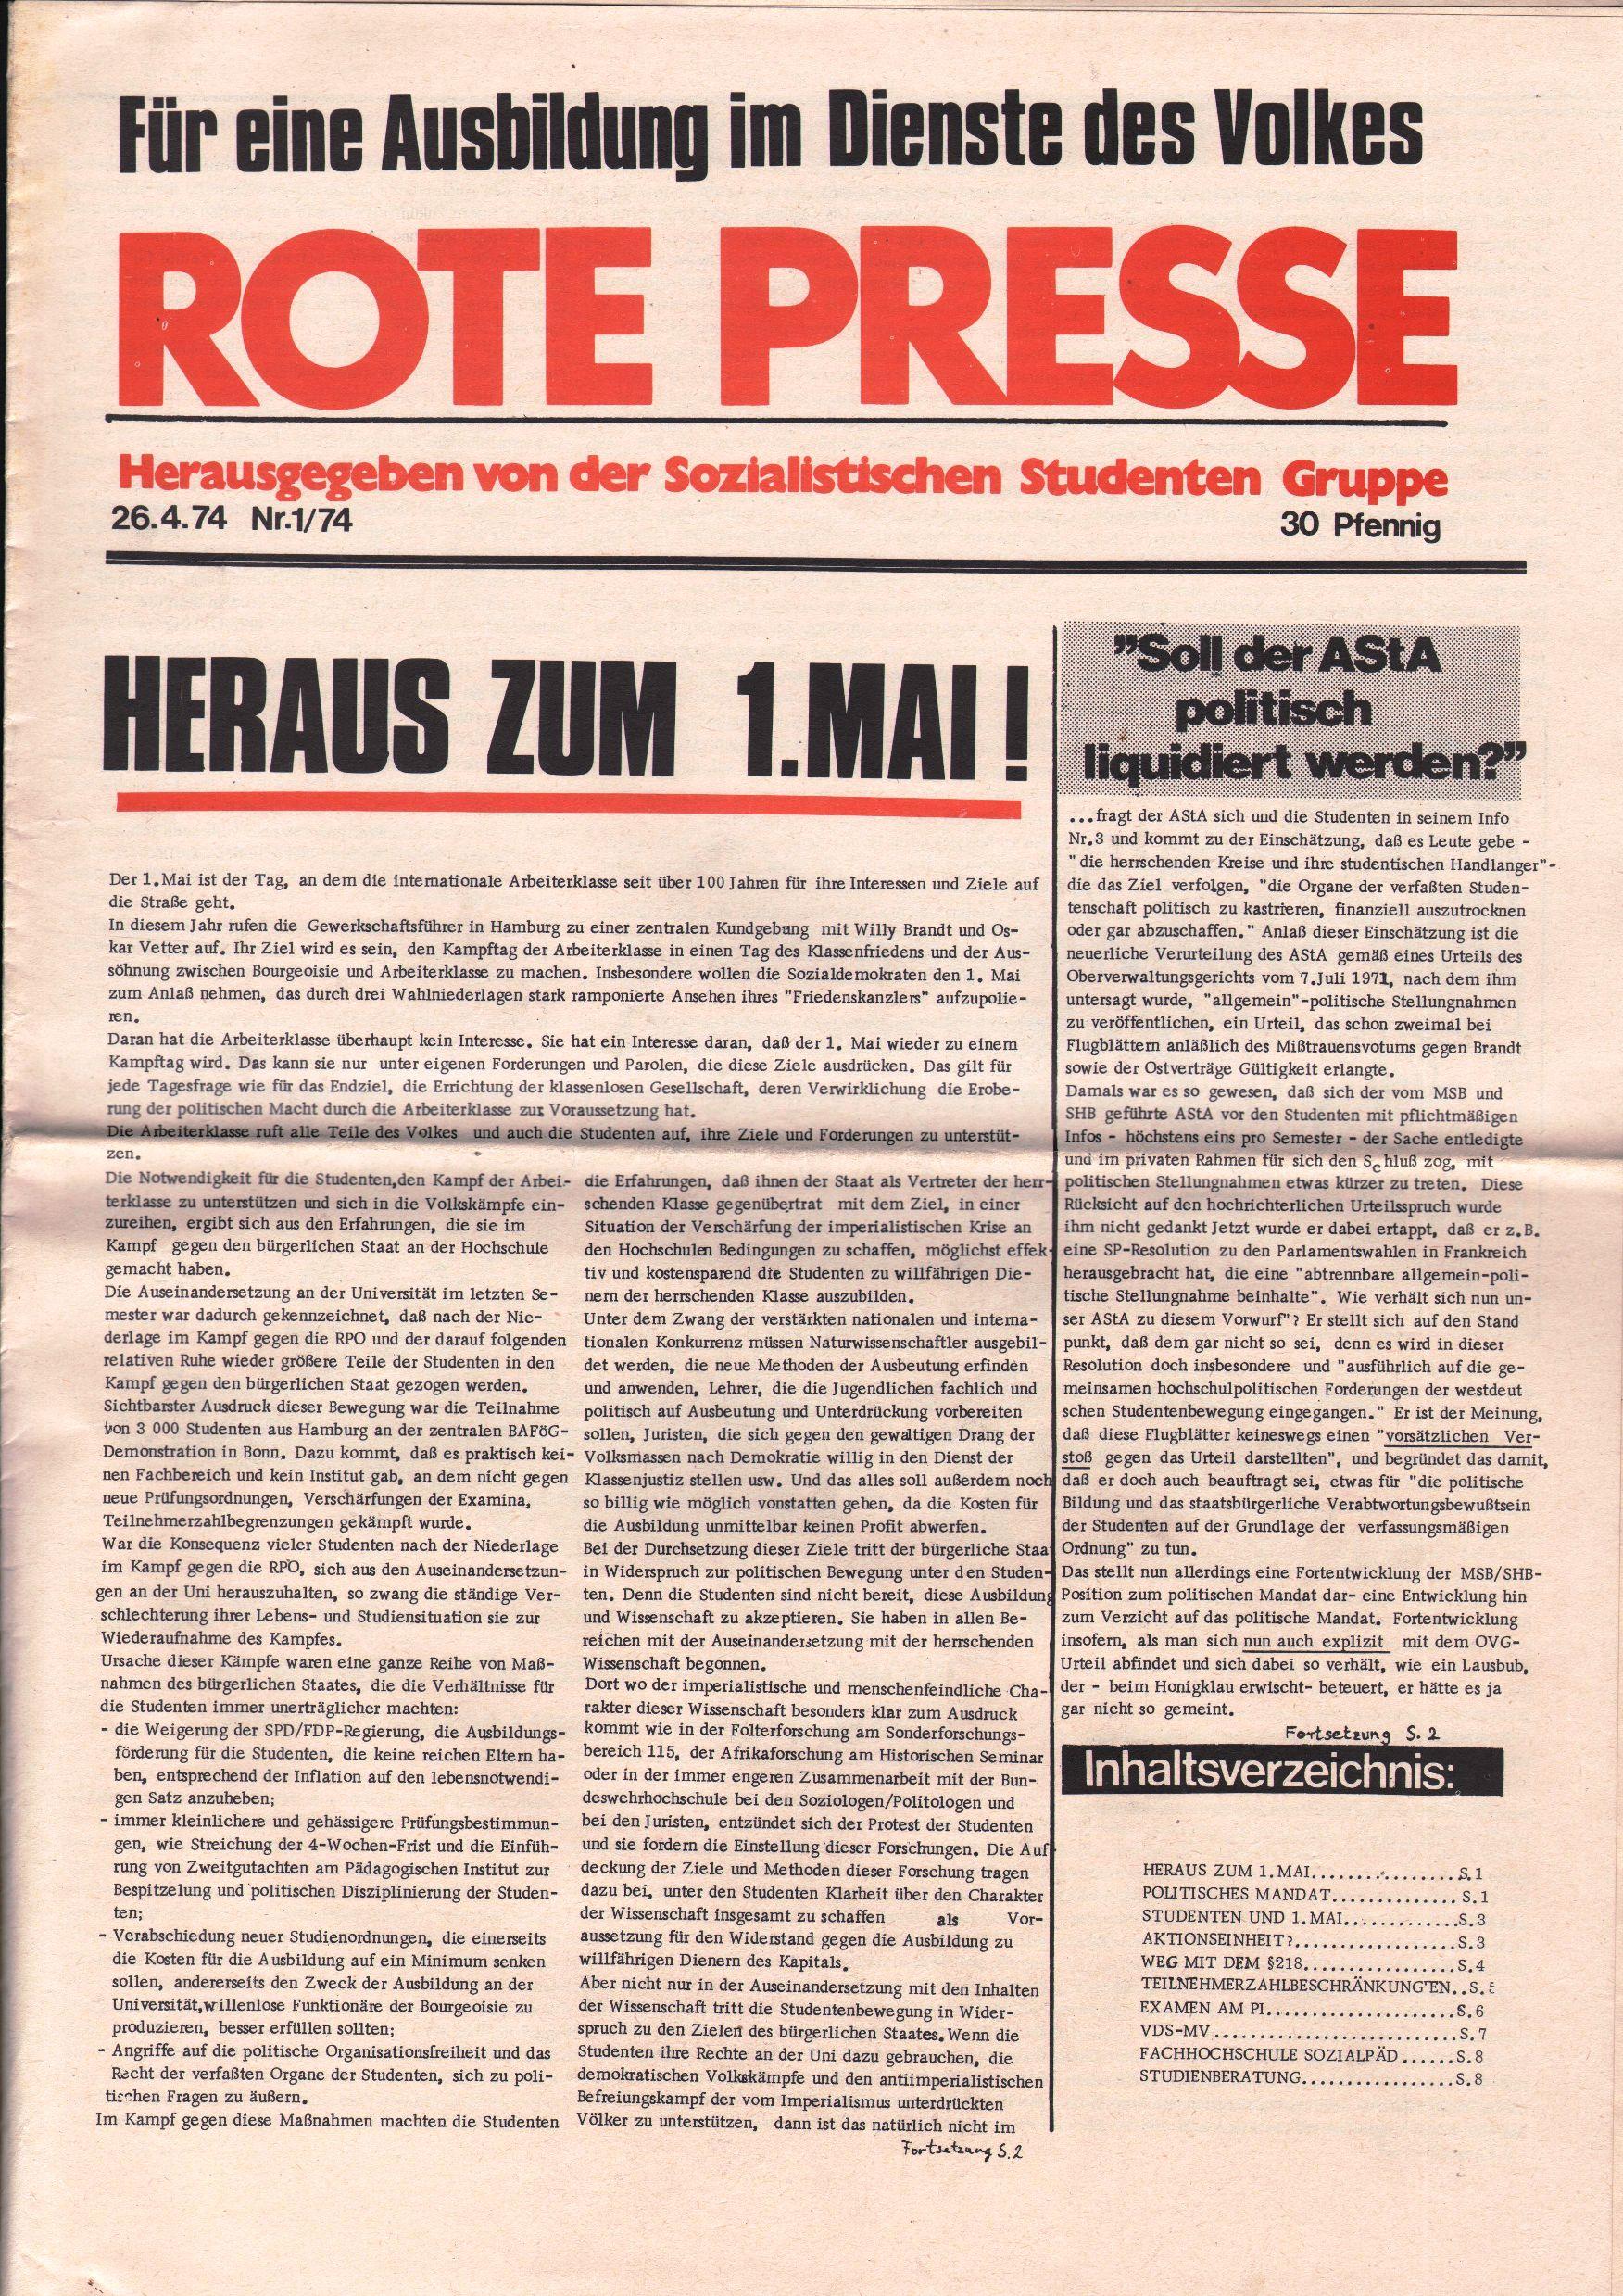 Hamburg_Rote_Presse381